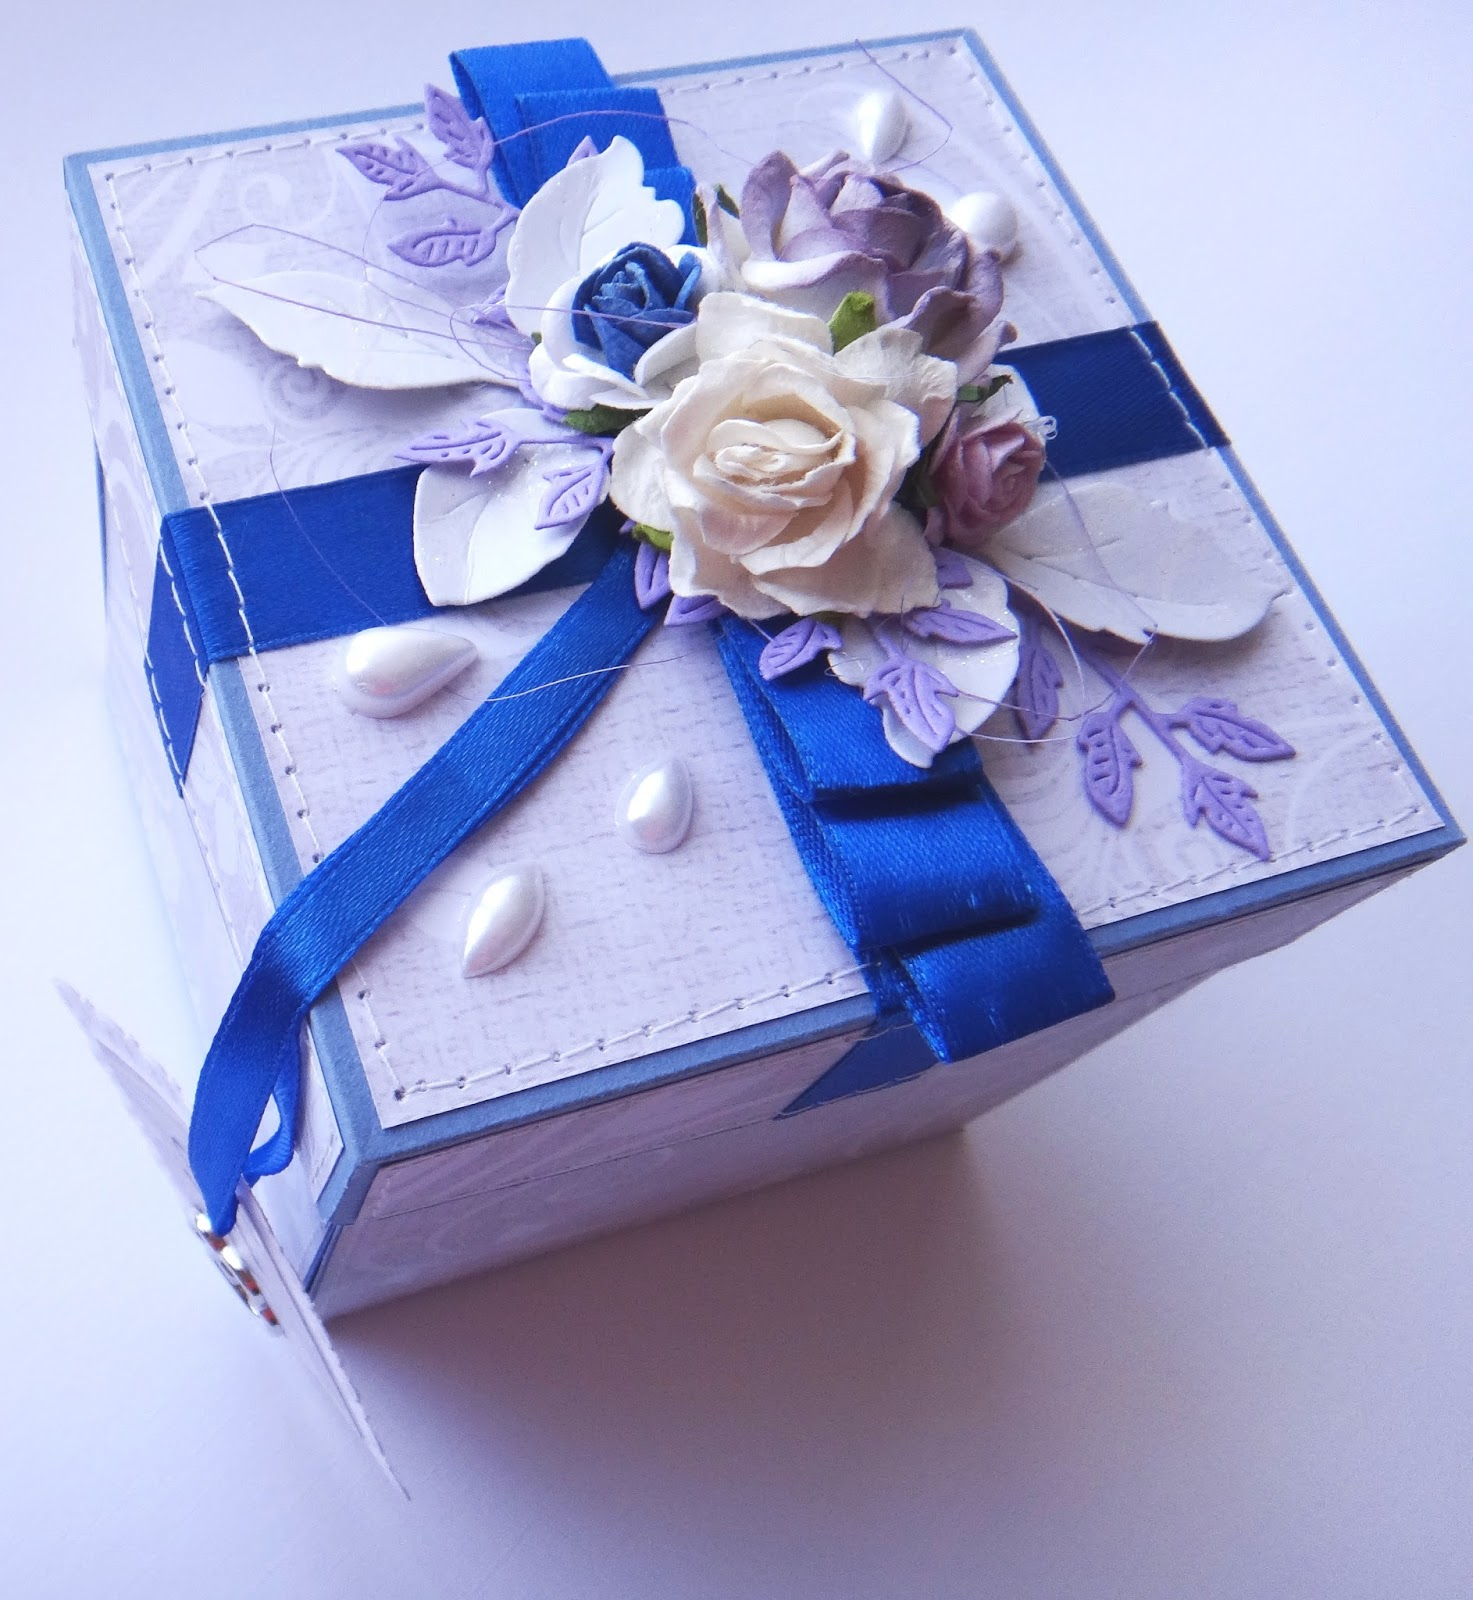 Как приятно удивить: делаем коробочку с сюрпризом своими руками 44